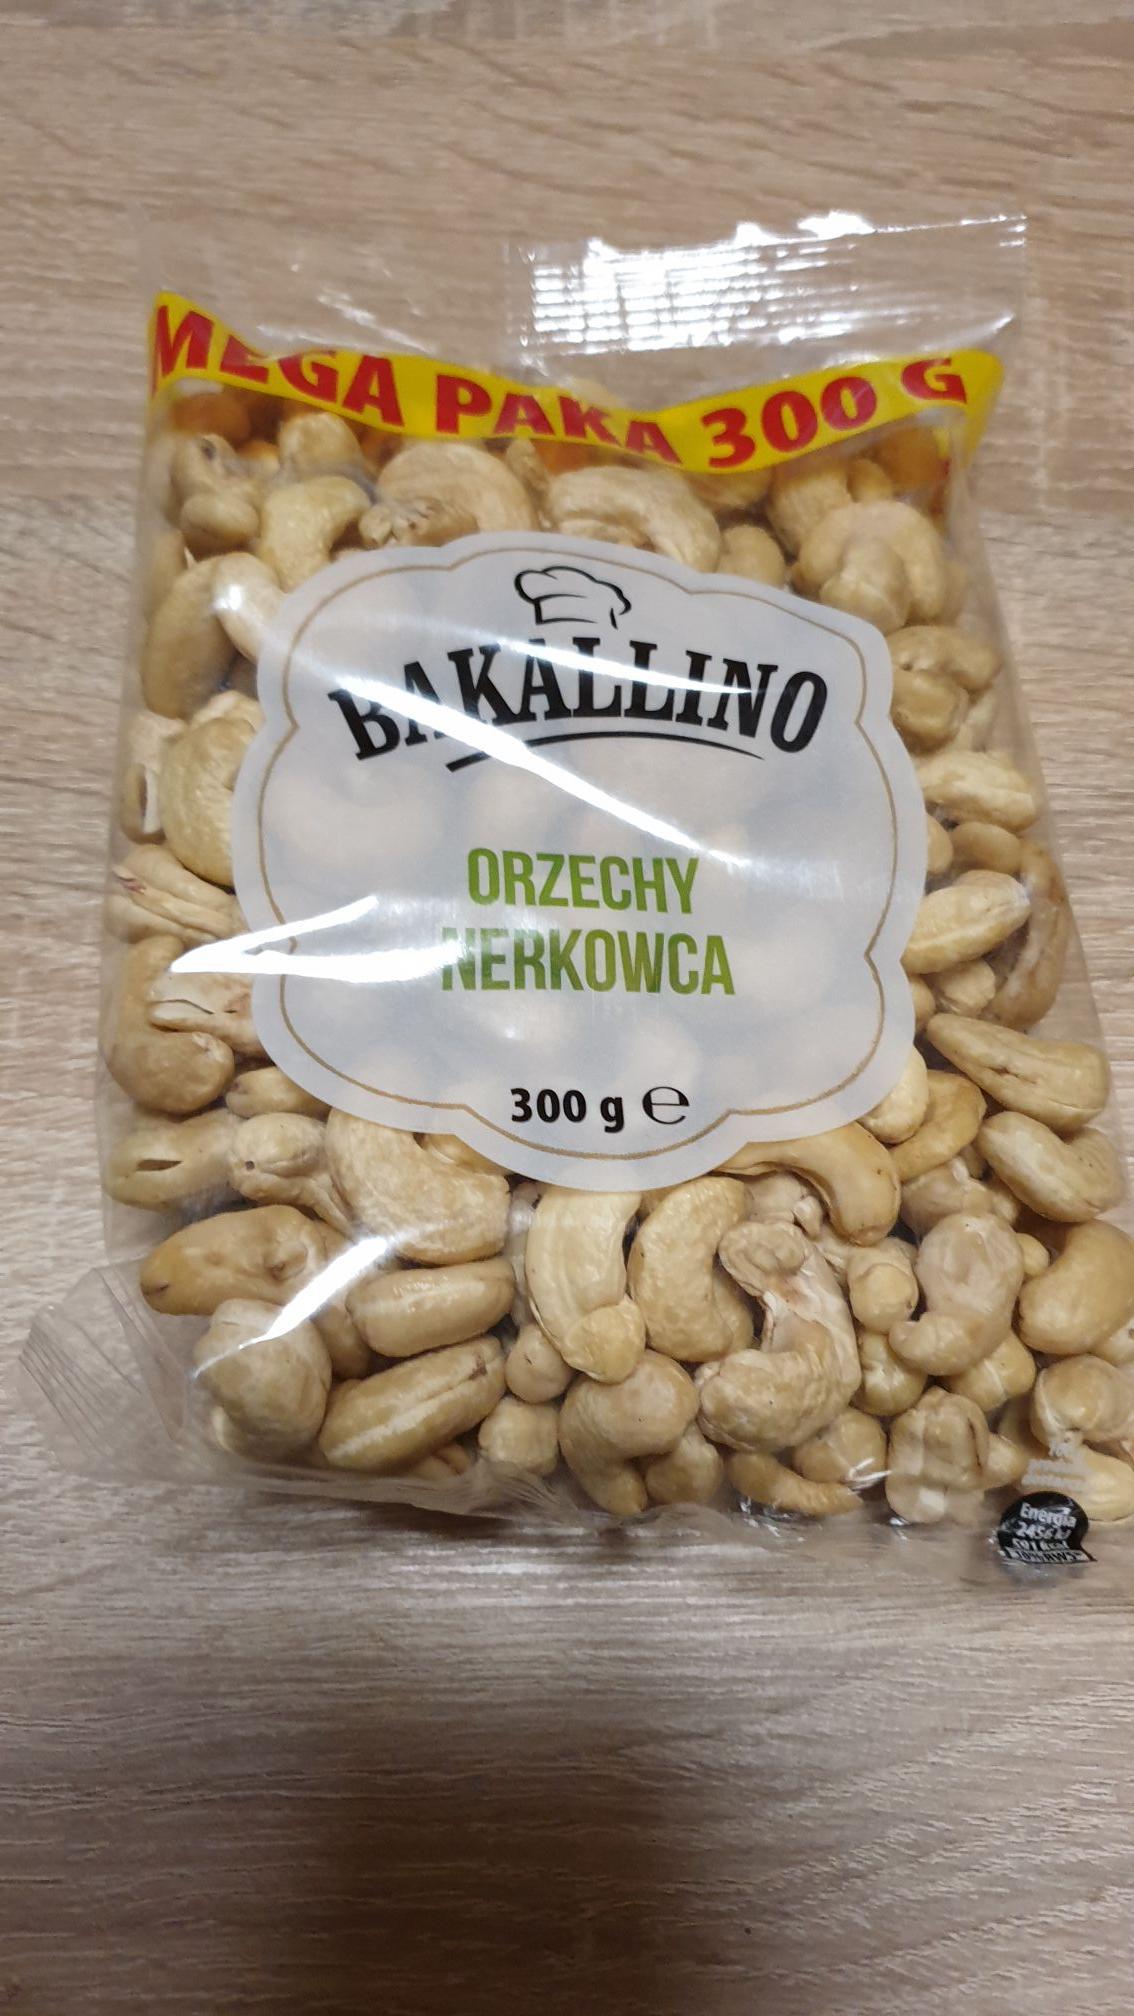 Orzechy nerkowca 300 g 10,49 PLN (Cena za 1 szt. przy zakupie 2 sztuk) - Biedronka